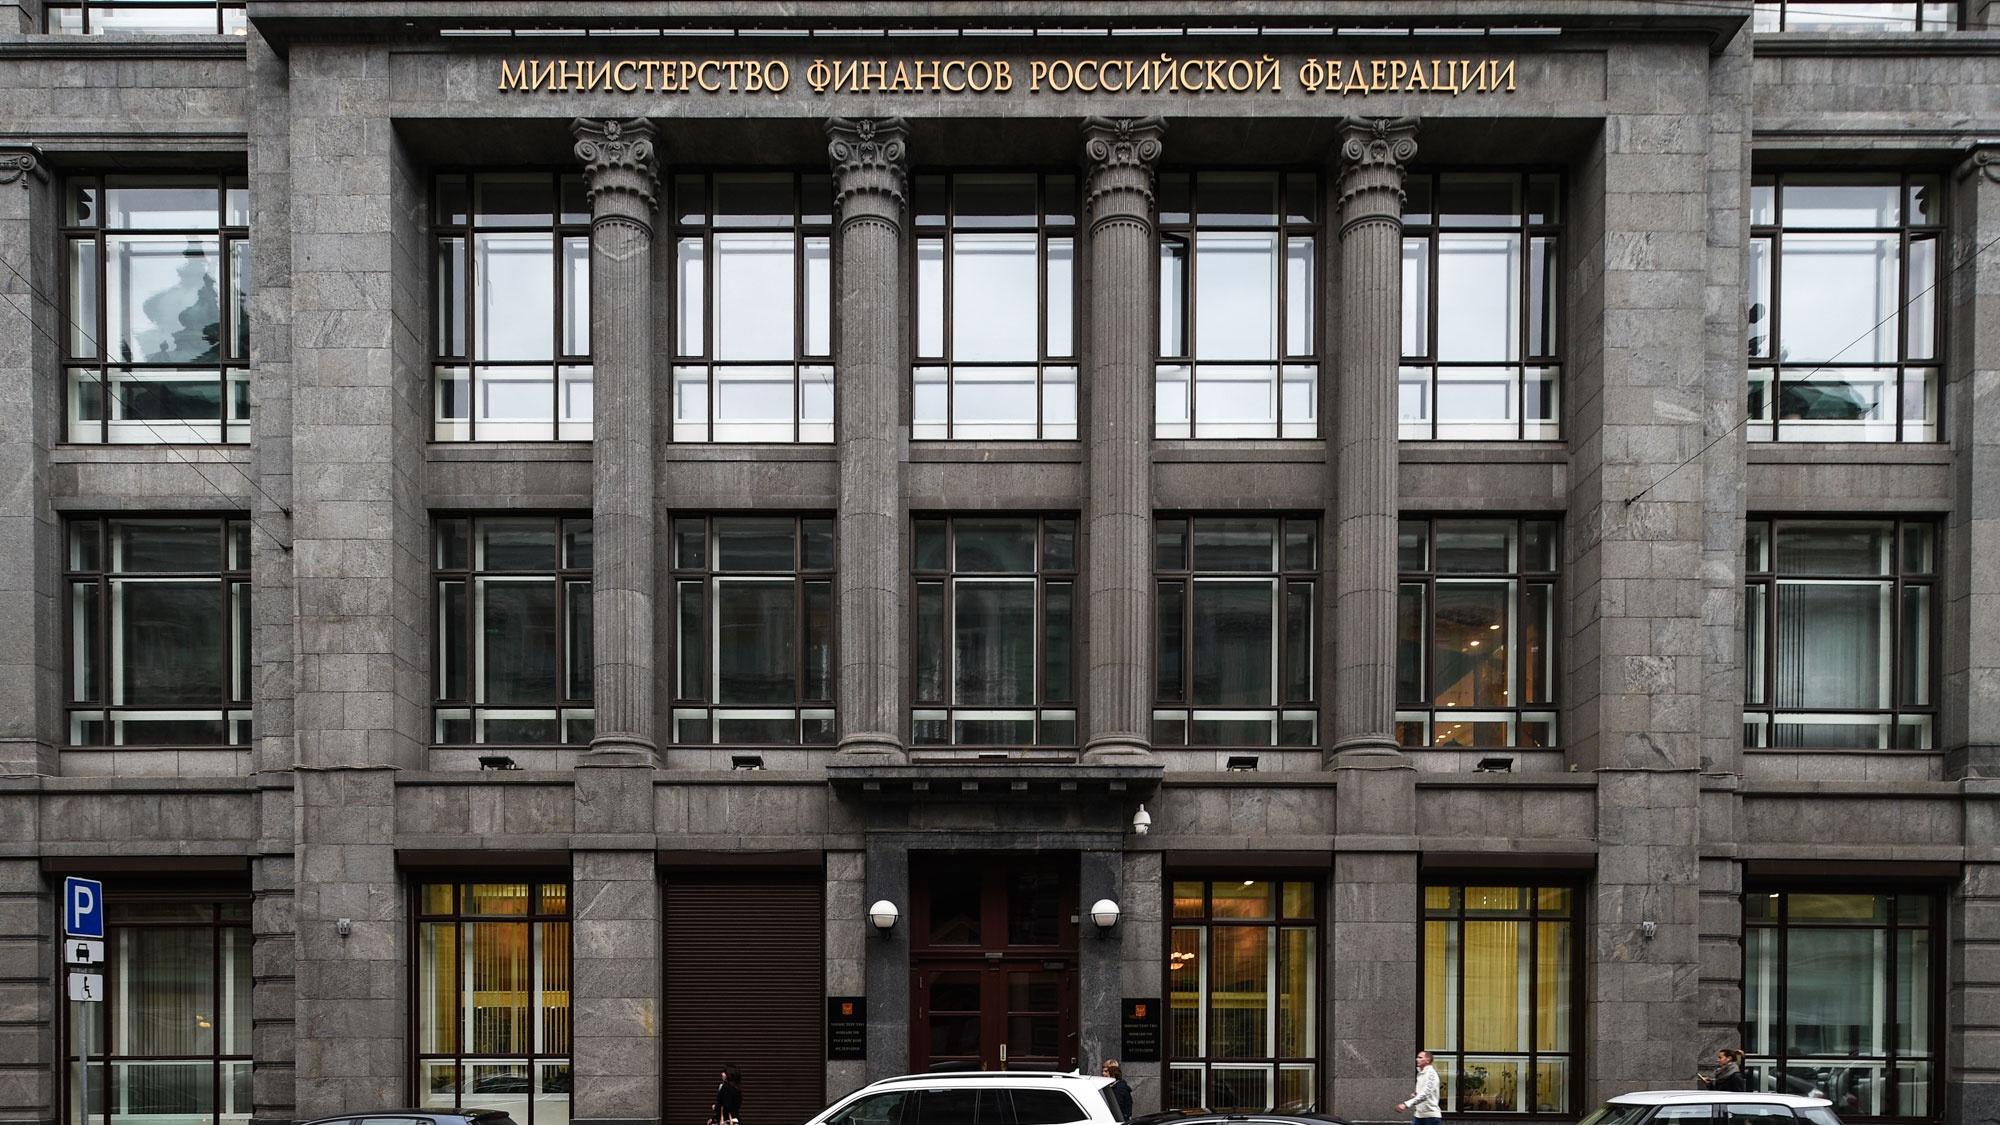 Минфин призвал исключить букмекера «Фонбет» из списка системообразующих организаций